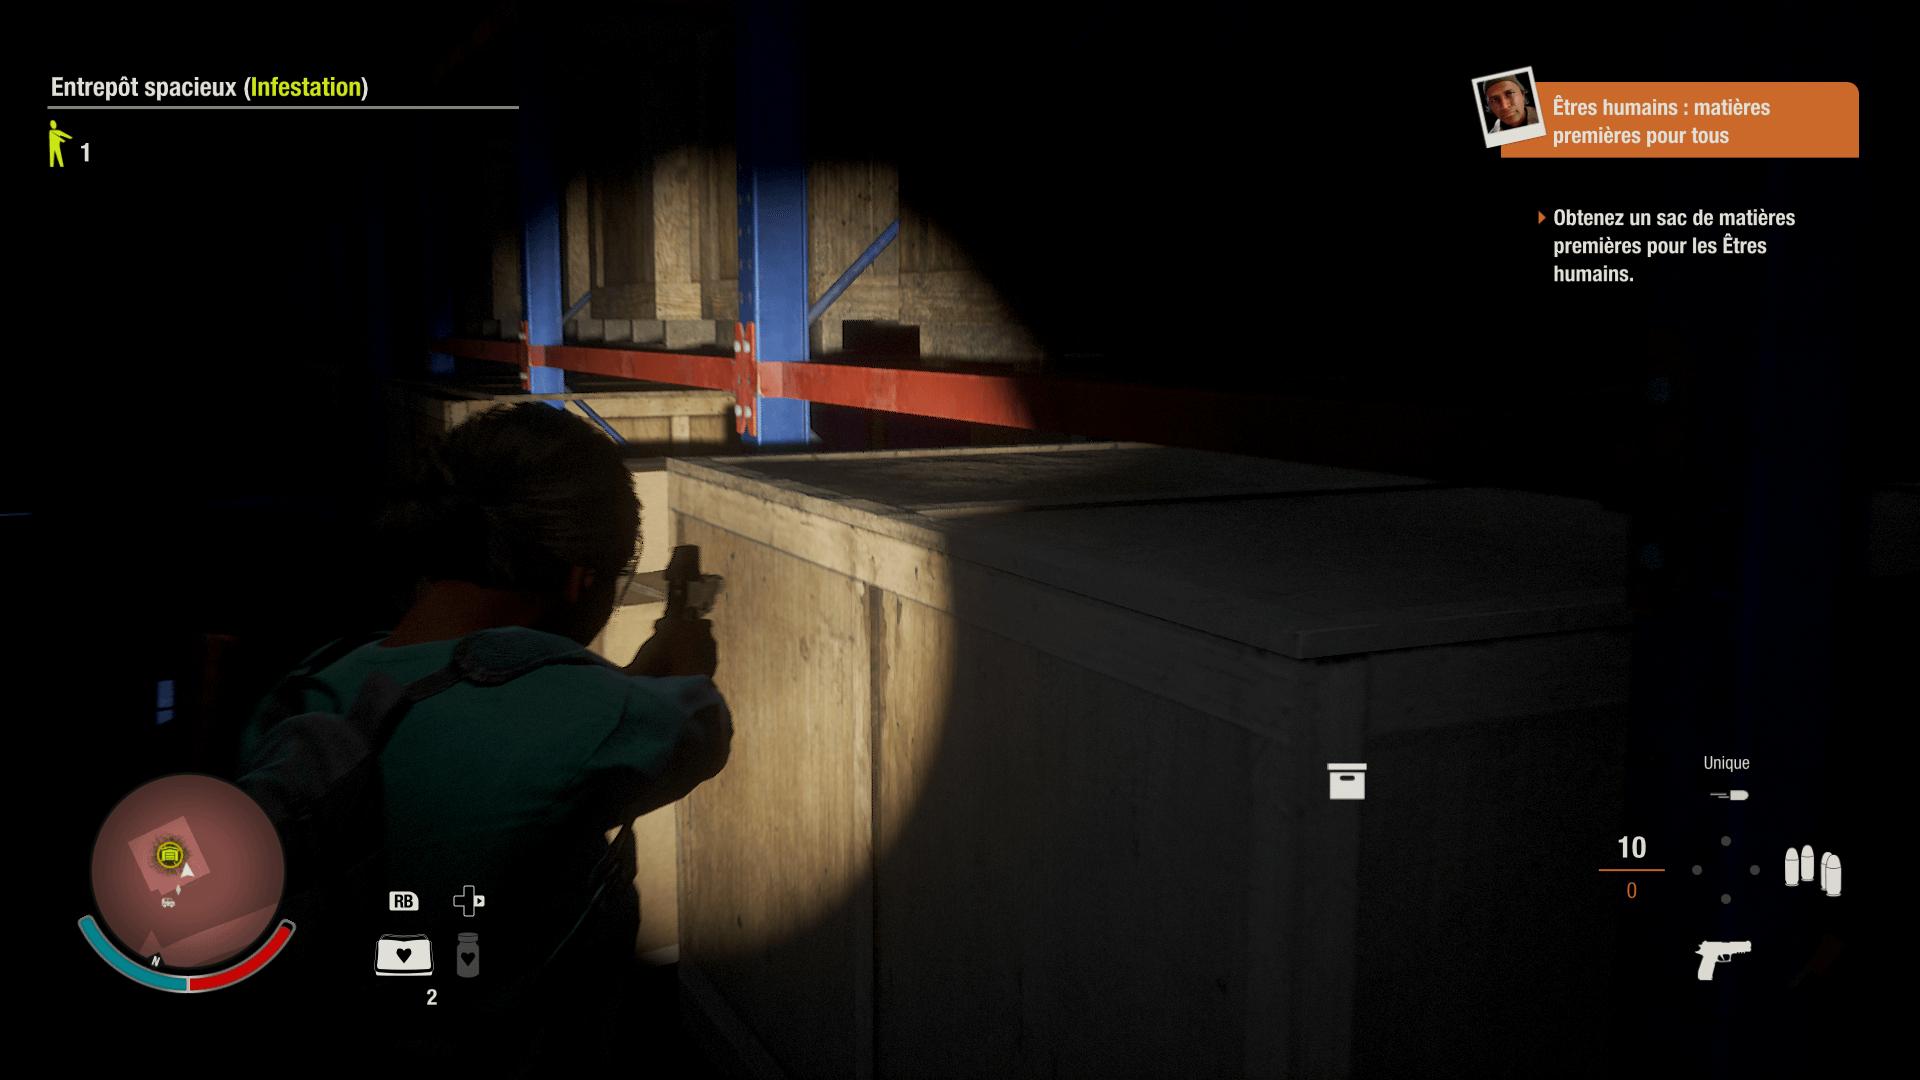 Capture d'écran 5 - [ TEST ] State of Decay 2 (Xbox One, PC) : que vaut-il un mois après sa sortie ?